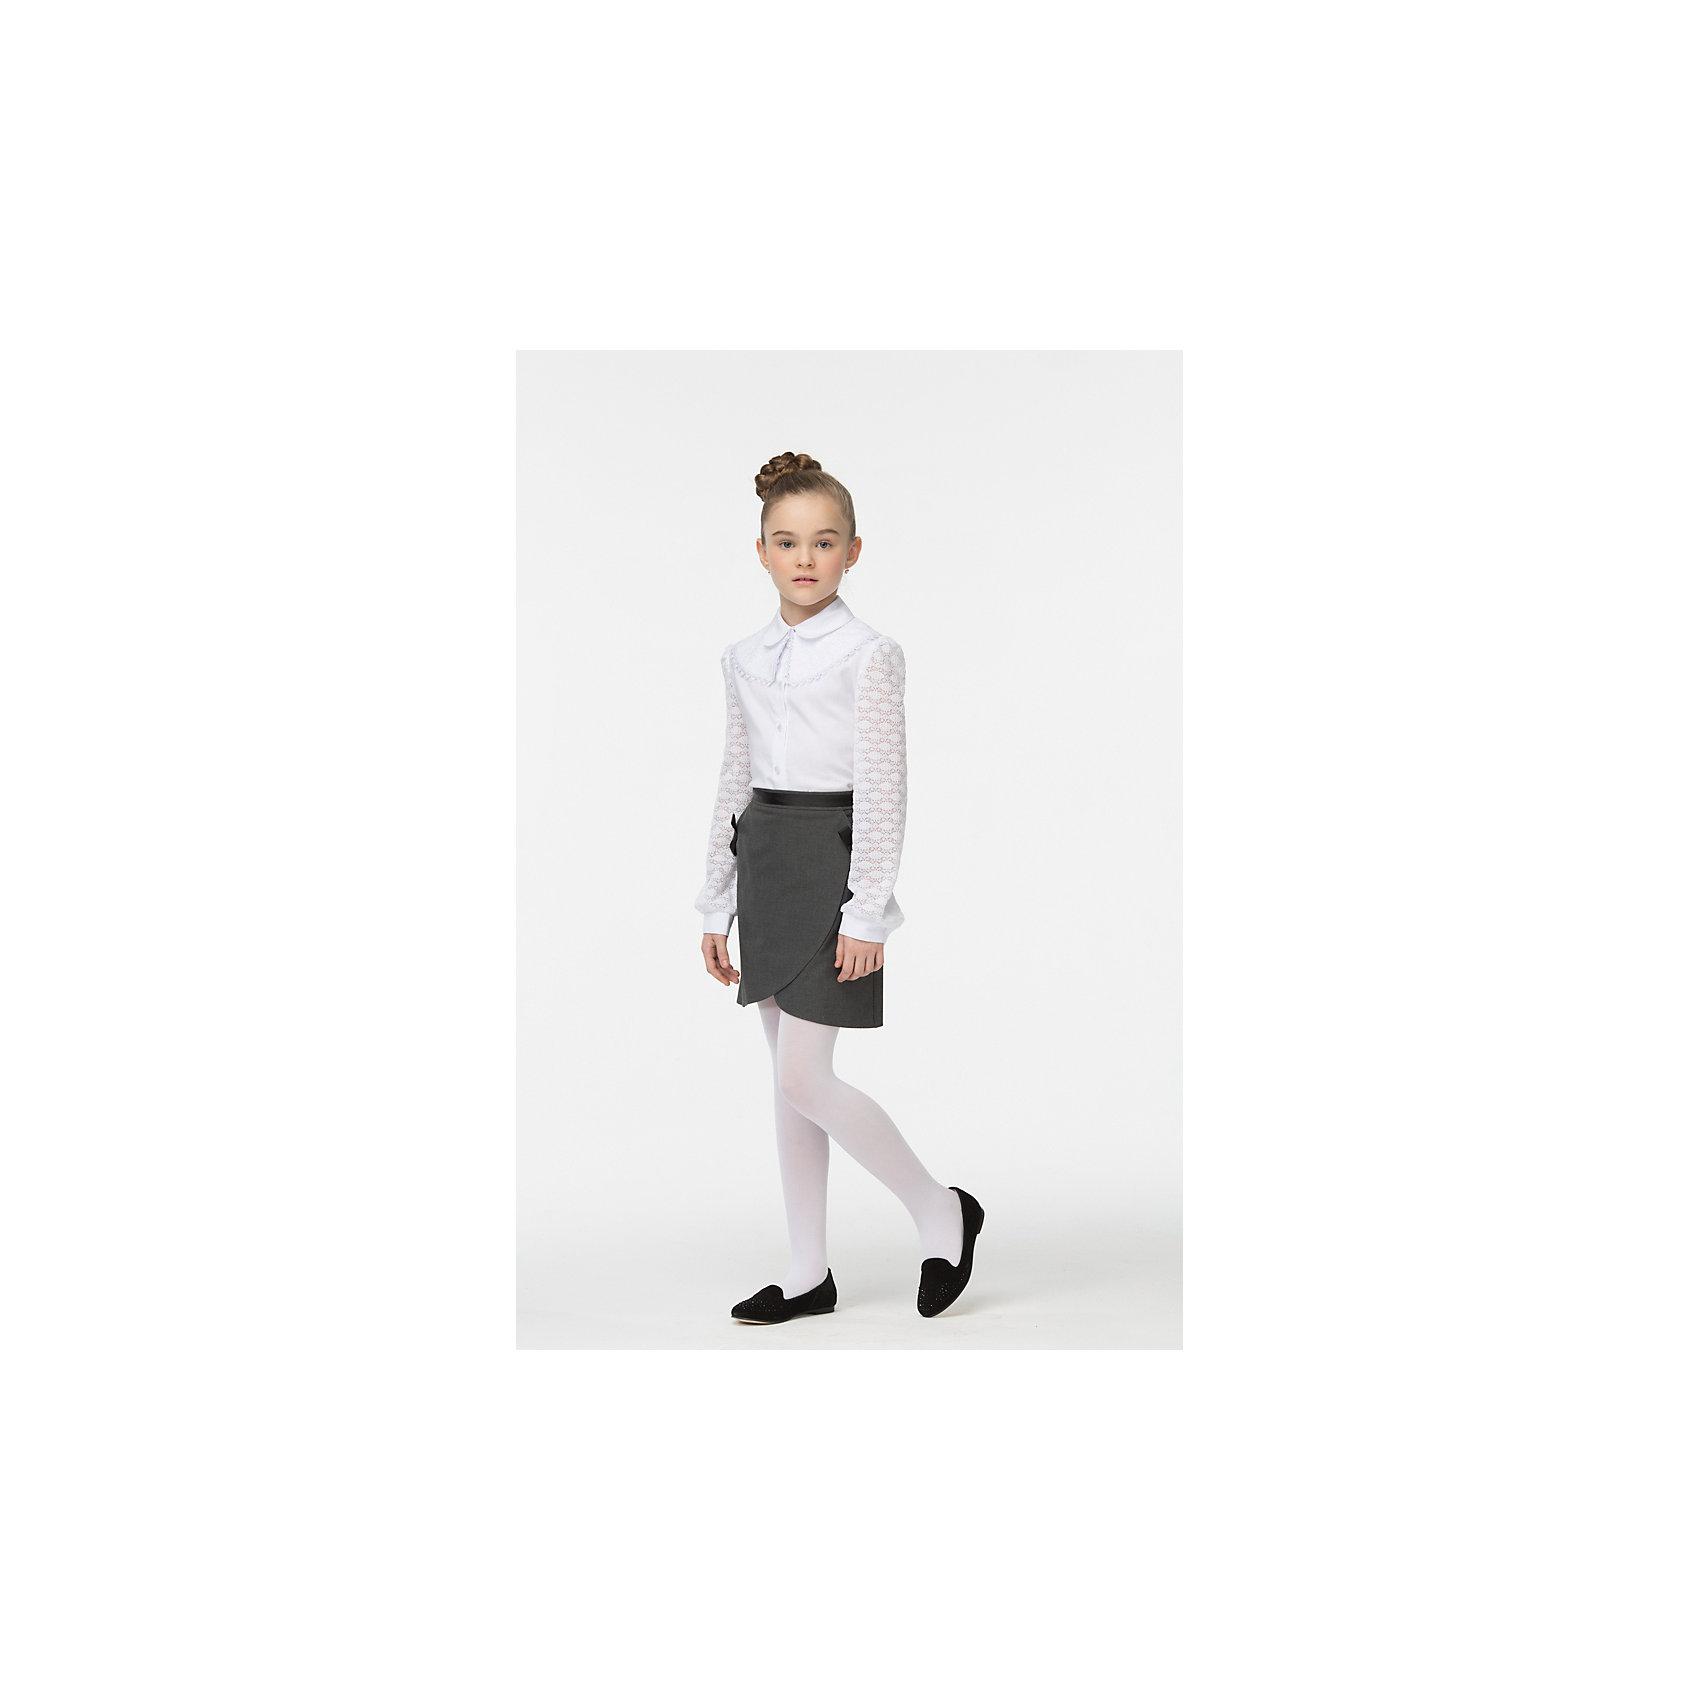 Блузка для девочки СменаБлузки и рубашки<br>Характеристики товара:<br><br>• цвет: белый<br>• состав: 70% хлопок, 27% полиэстер, 3% полиуретан <br>• сезон: демисезон<br>• особенности: школьная<br>• съемный воротник<br>• приятная на ощупь ткань<br>• длинные рукава<br>• страна бренда: Российская Федерация<br>• страна производства: Российская Федерация<br><br>Школьная блузка с длинным рукавом для девочки. Белая блузка застегивается на пуговицы, у блузки ажурные рукава и съемный ажурный воротник на пуговице.<br><br>Блузку для девочки Смена можно купить в нашем интернет-магазине.<br><br>Ширина мм: 186<br>Глубина мм: 87<br>Высота мм: 198<br>Вес г: 197<br>Цвет: белый<br>Возраст от месяцев: 156<br>Возраст до месяцев: 168<br>Пол: Женский<br>Возраст: Детский<br>Размер: 164,122,128,134,140,146,152,158<br>SKU: 6683901